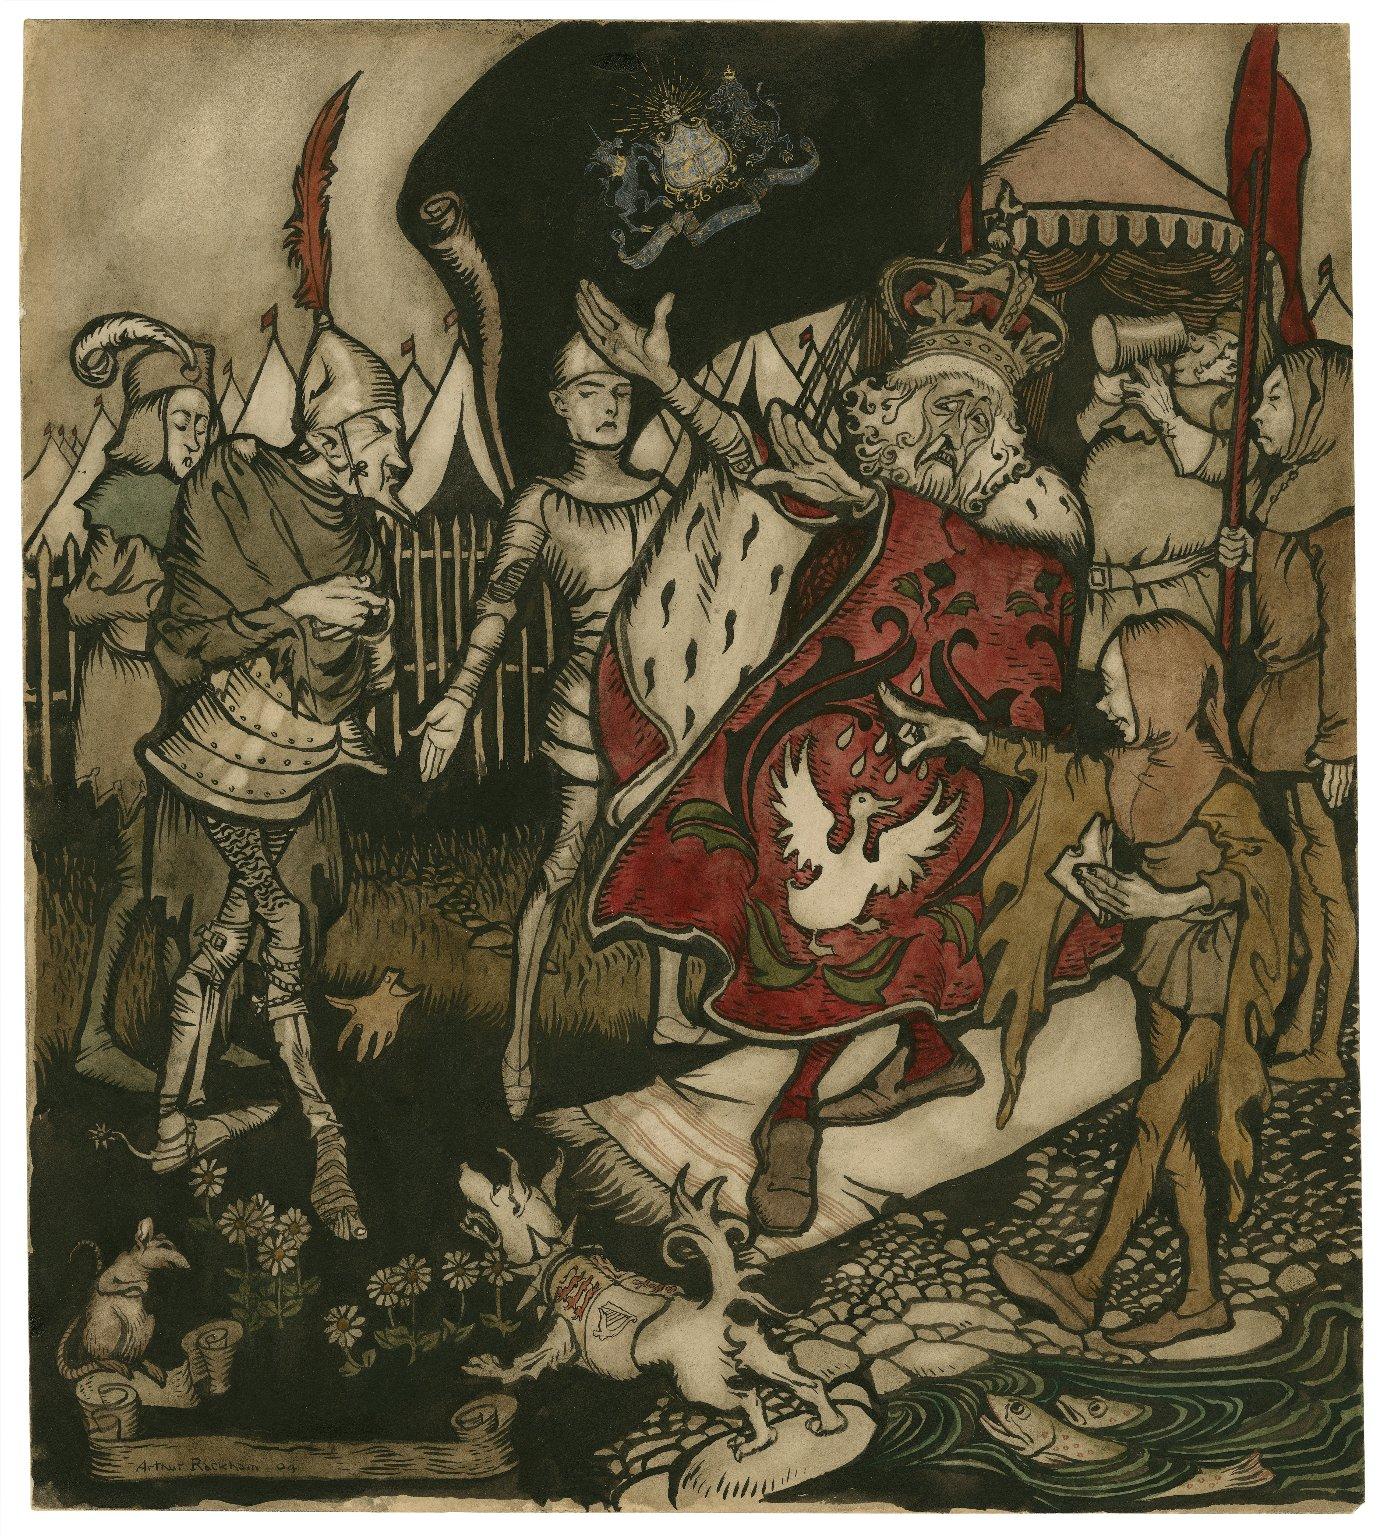 King Henry IV, pt. 1, act V, scene 1 [graphic] / Arthur Rackham.